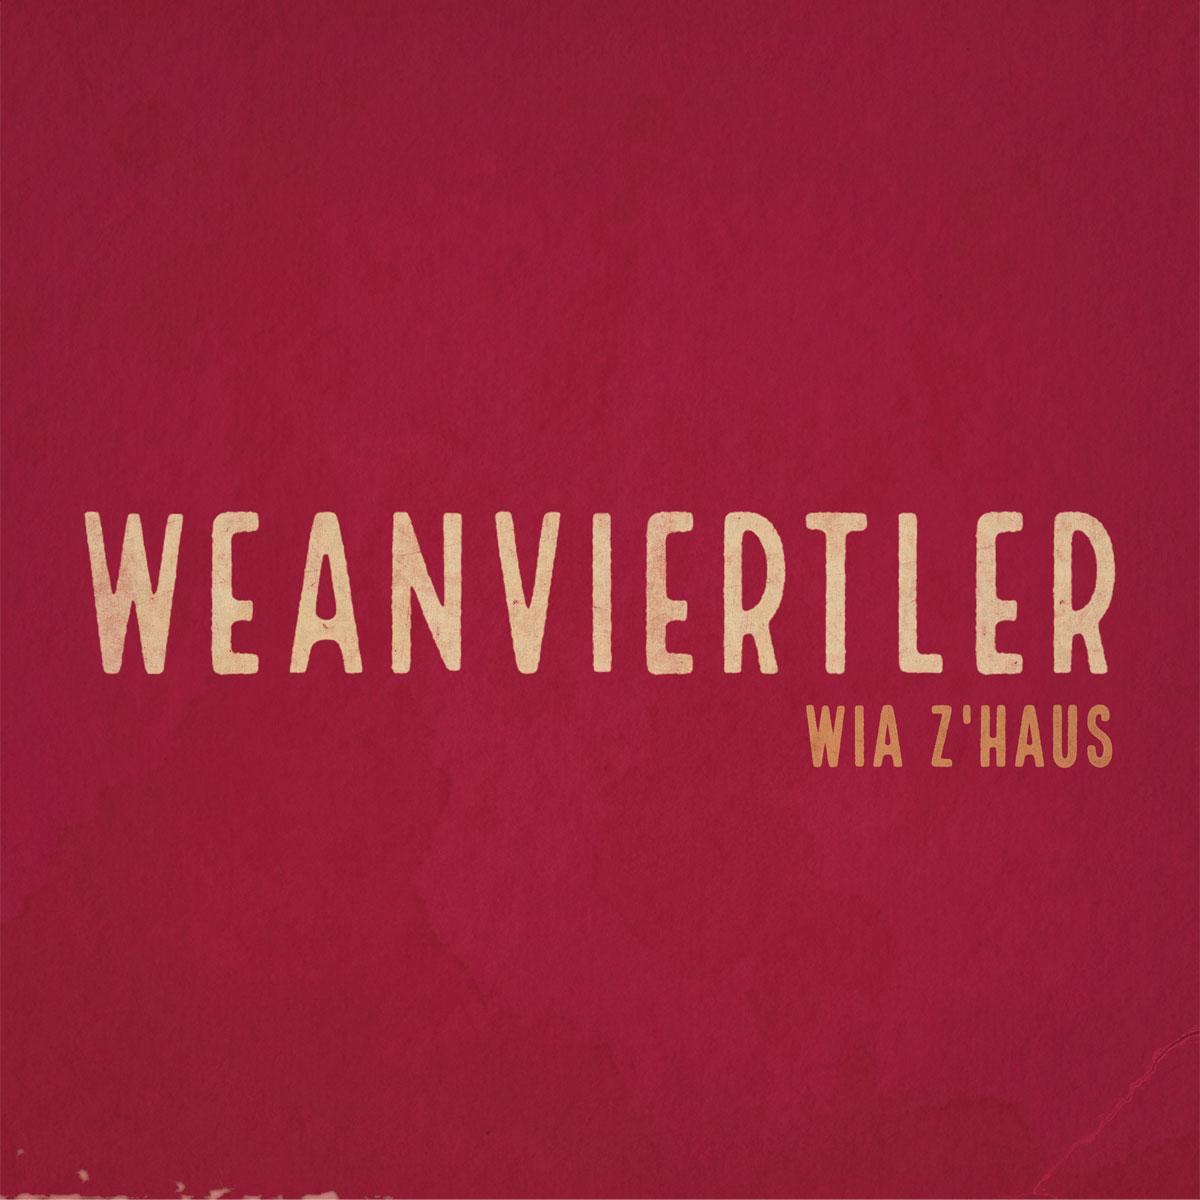 WEANVIERTLER - Wia z'haus // Album, 2017/09/08 // MMP016 // EAN: 9008798239313